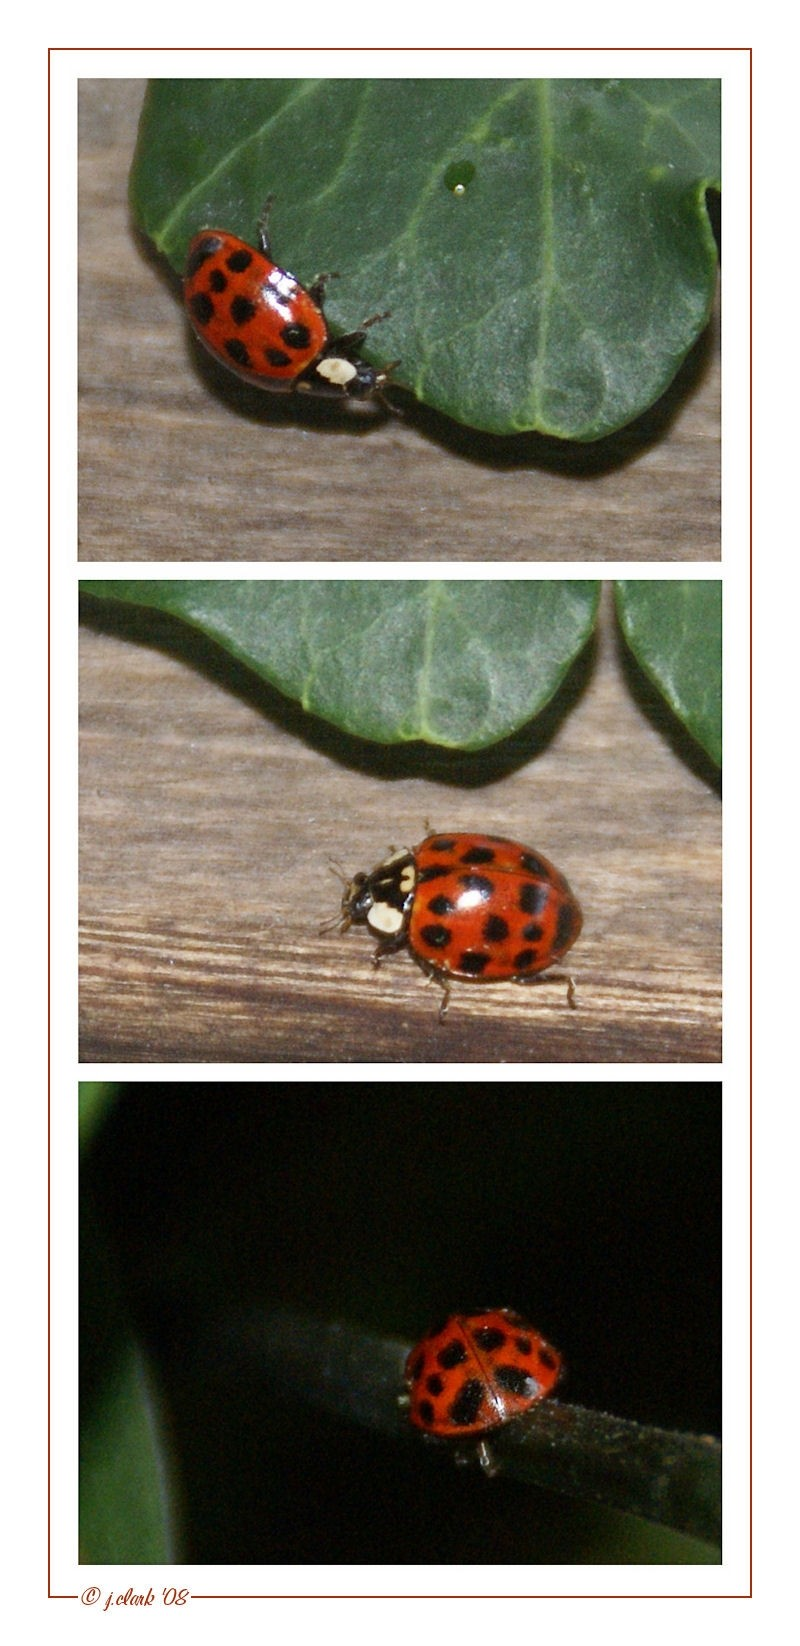 Ladybug, ladybug fly away home...